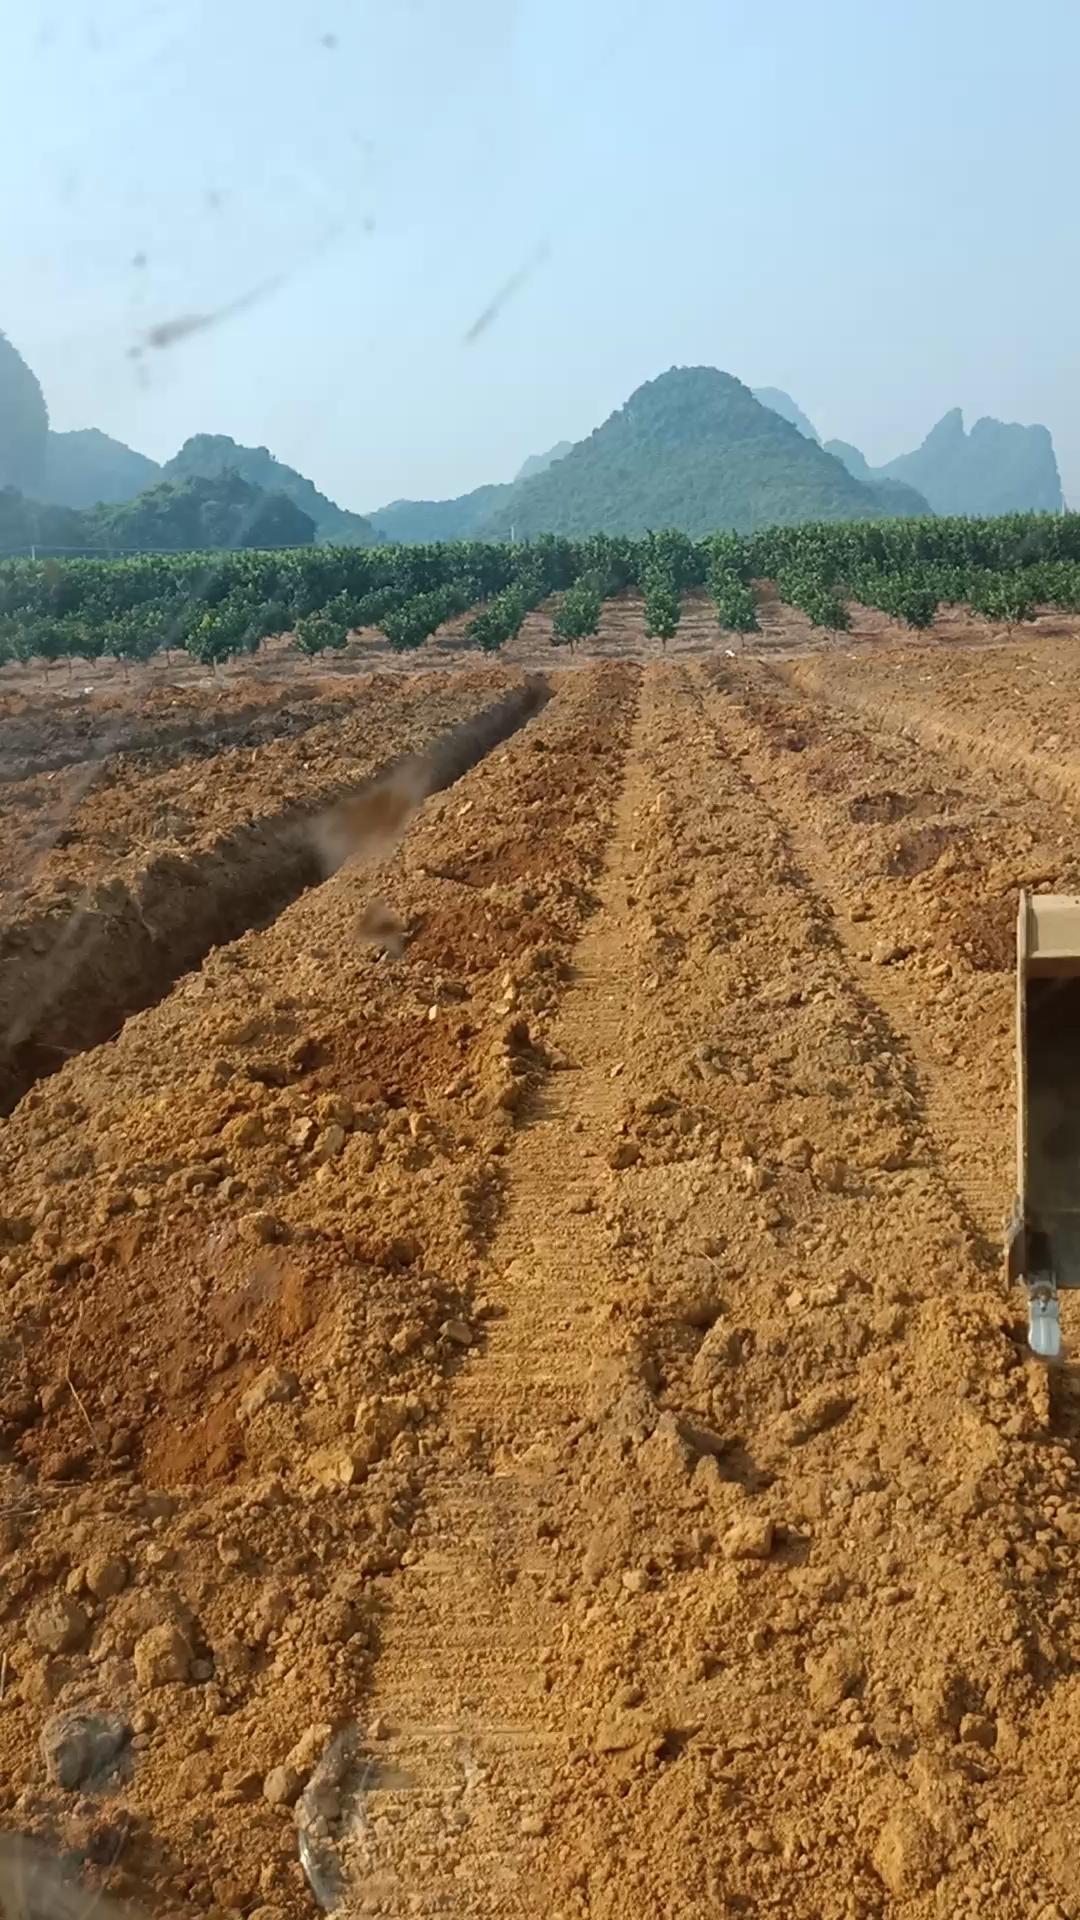 一9C一天九个小时挖坑二十几亩,明天我给我自己放放假了!